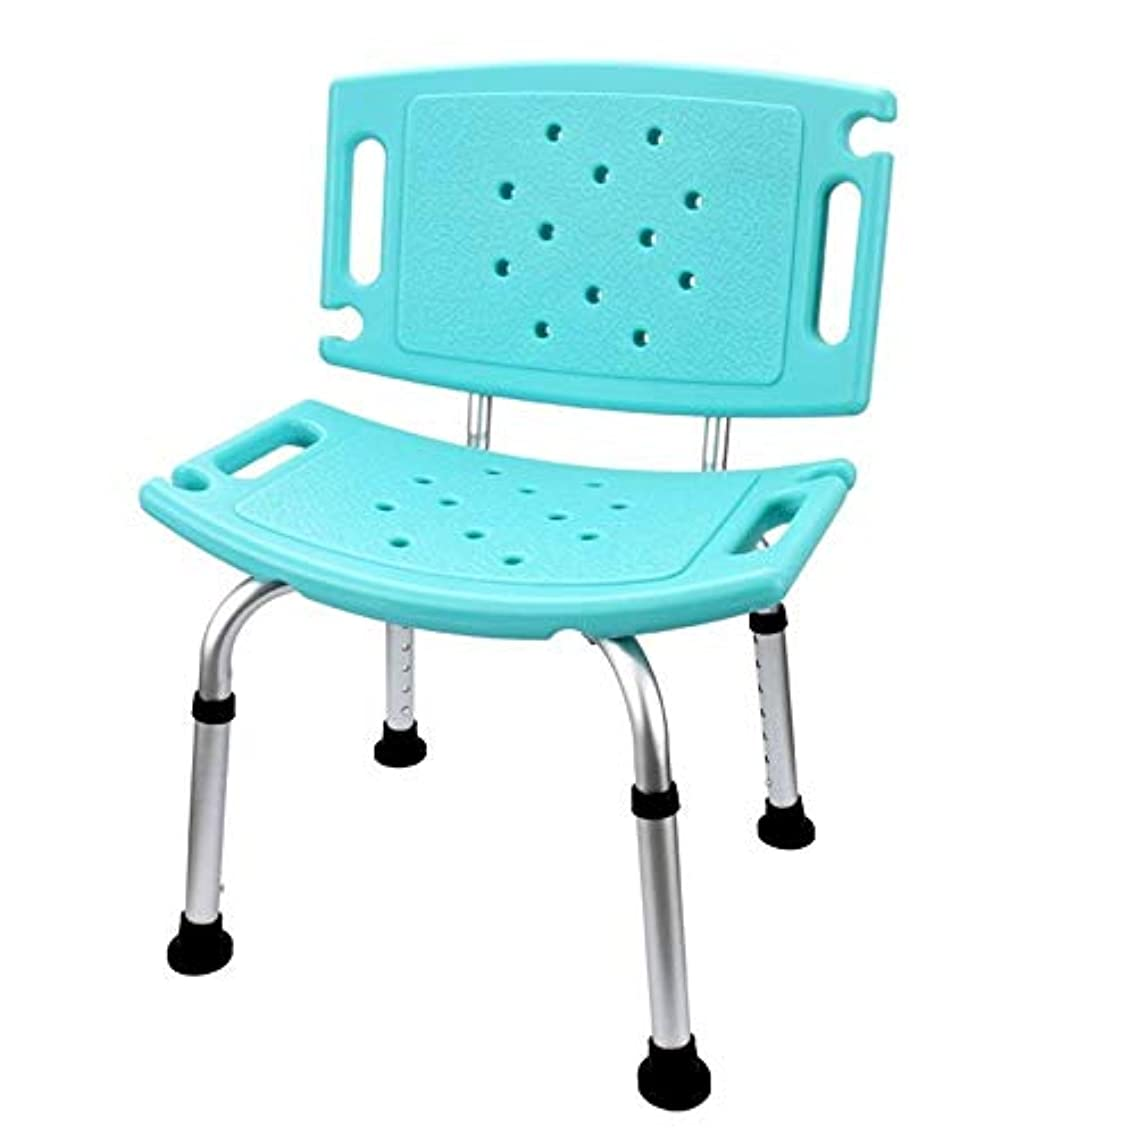 友だち従事するカップル背部およびシャワー?ヘッドのホールダーが付いているデラックスな高さの調節可能なアルミニウムBath/シャワーの椅子